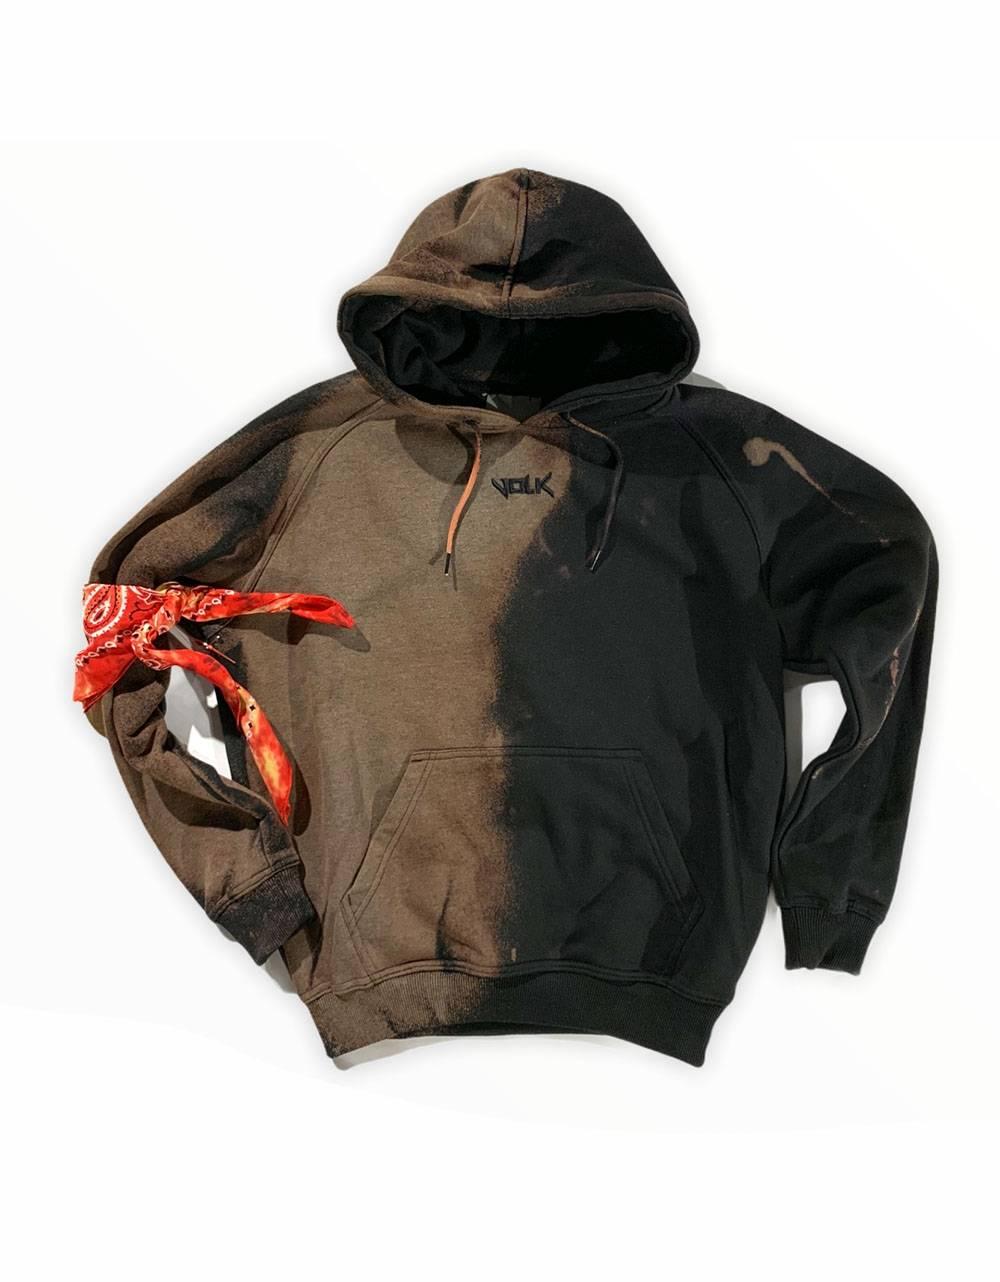 Volk smile font hoodie - bleached black VOLK Sweater 97,54€